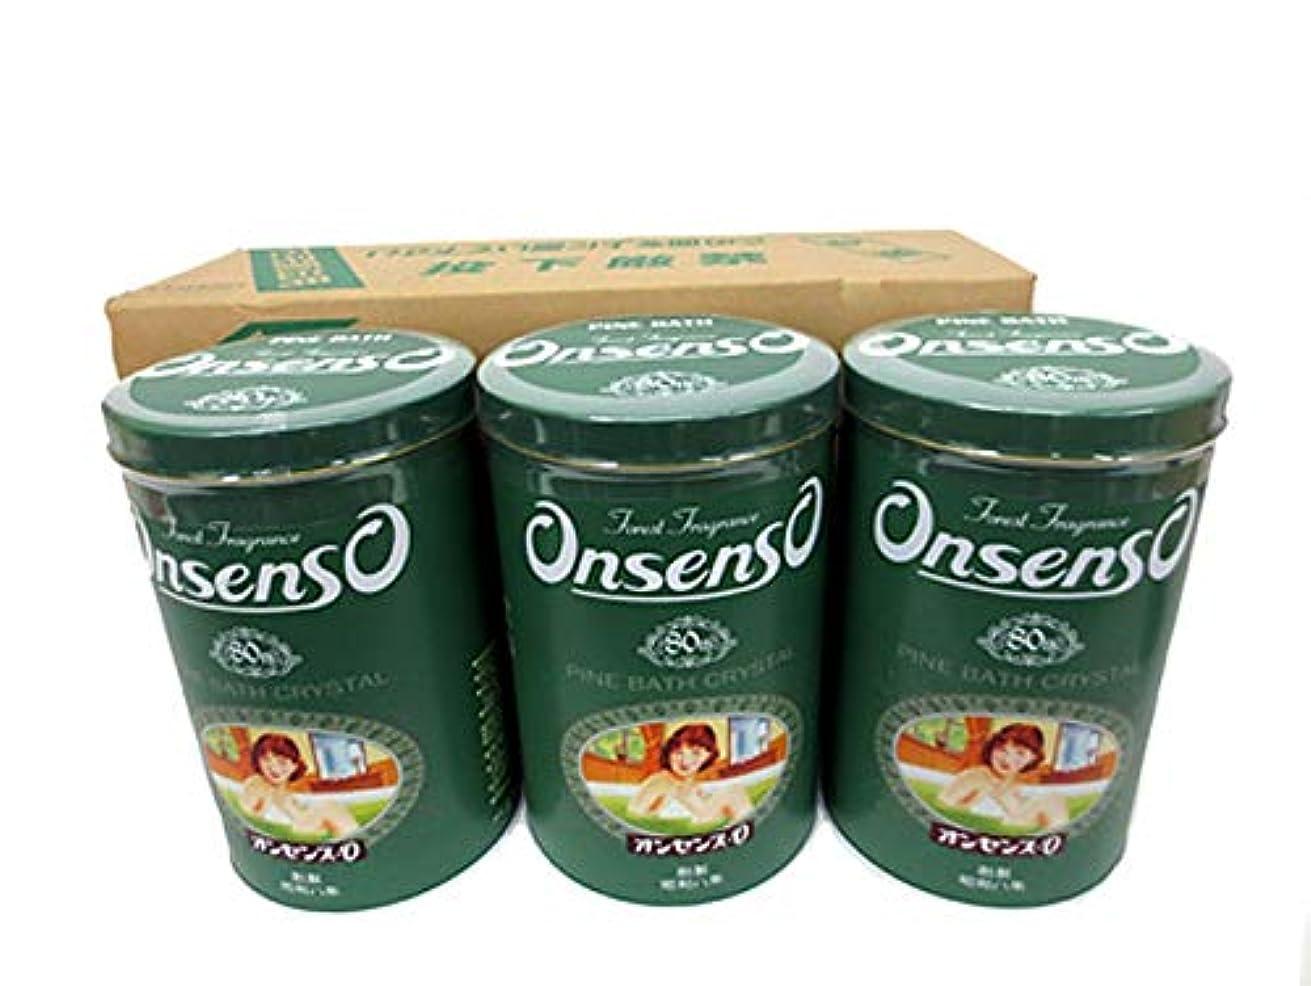 繊維邪魔する処分したオンセンス 復刻版 1.95kg 3缶セット 入浴剤 薬用温浴剤 薬用 バスケア パインバス